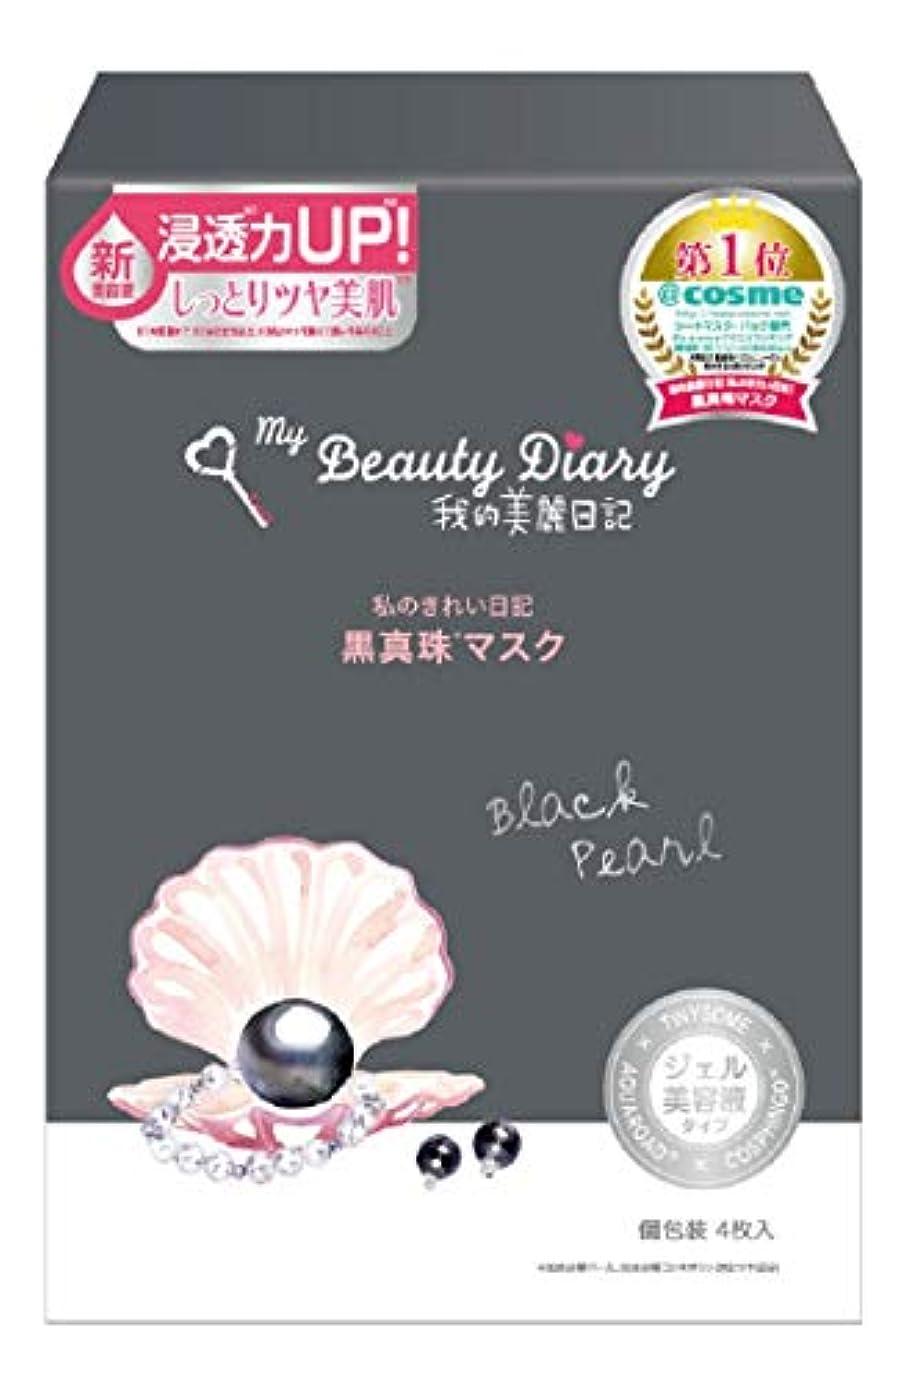 復讐体咲く我的美麗日記 黒真珠マスク(4枚)